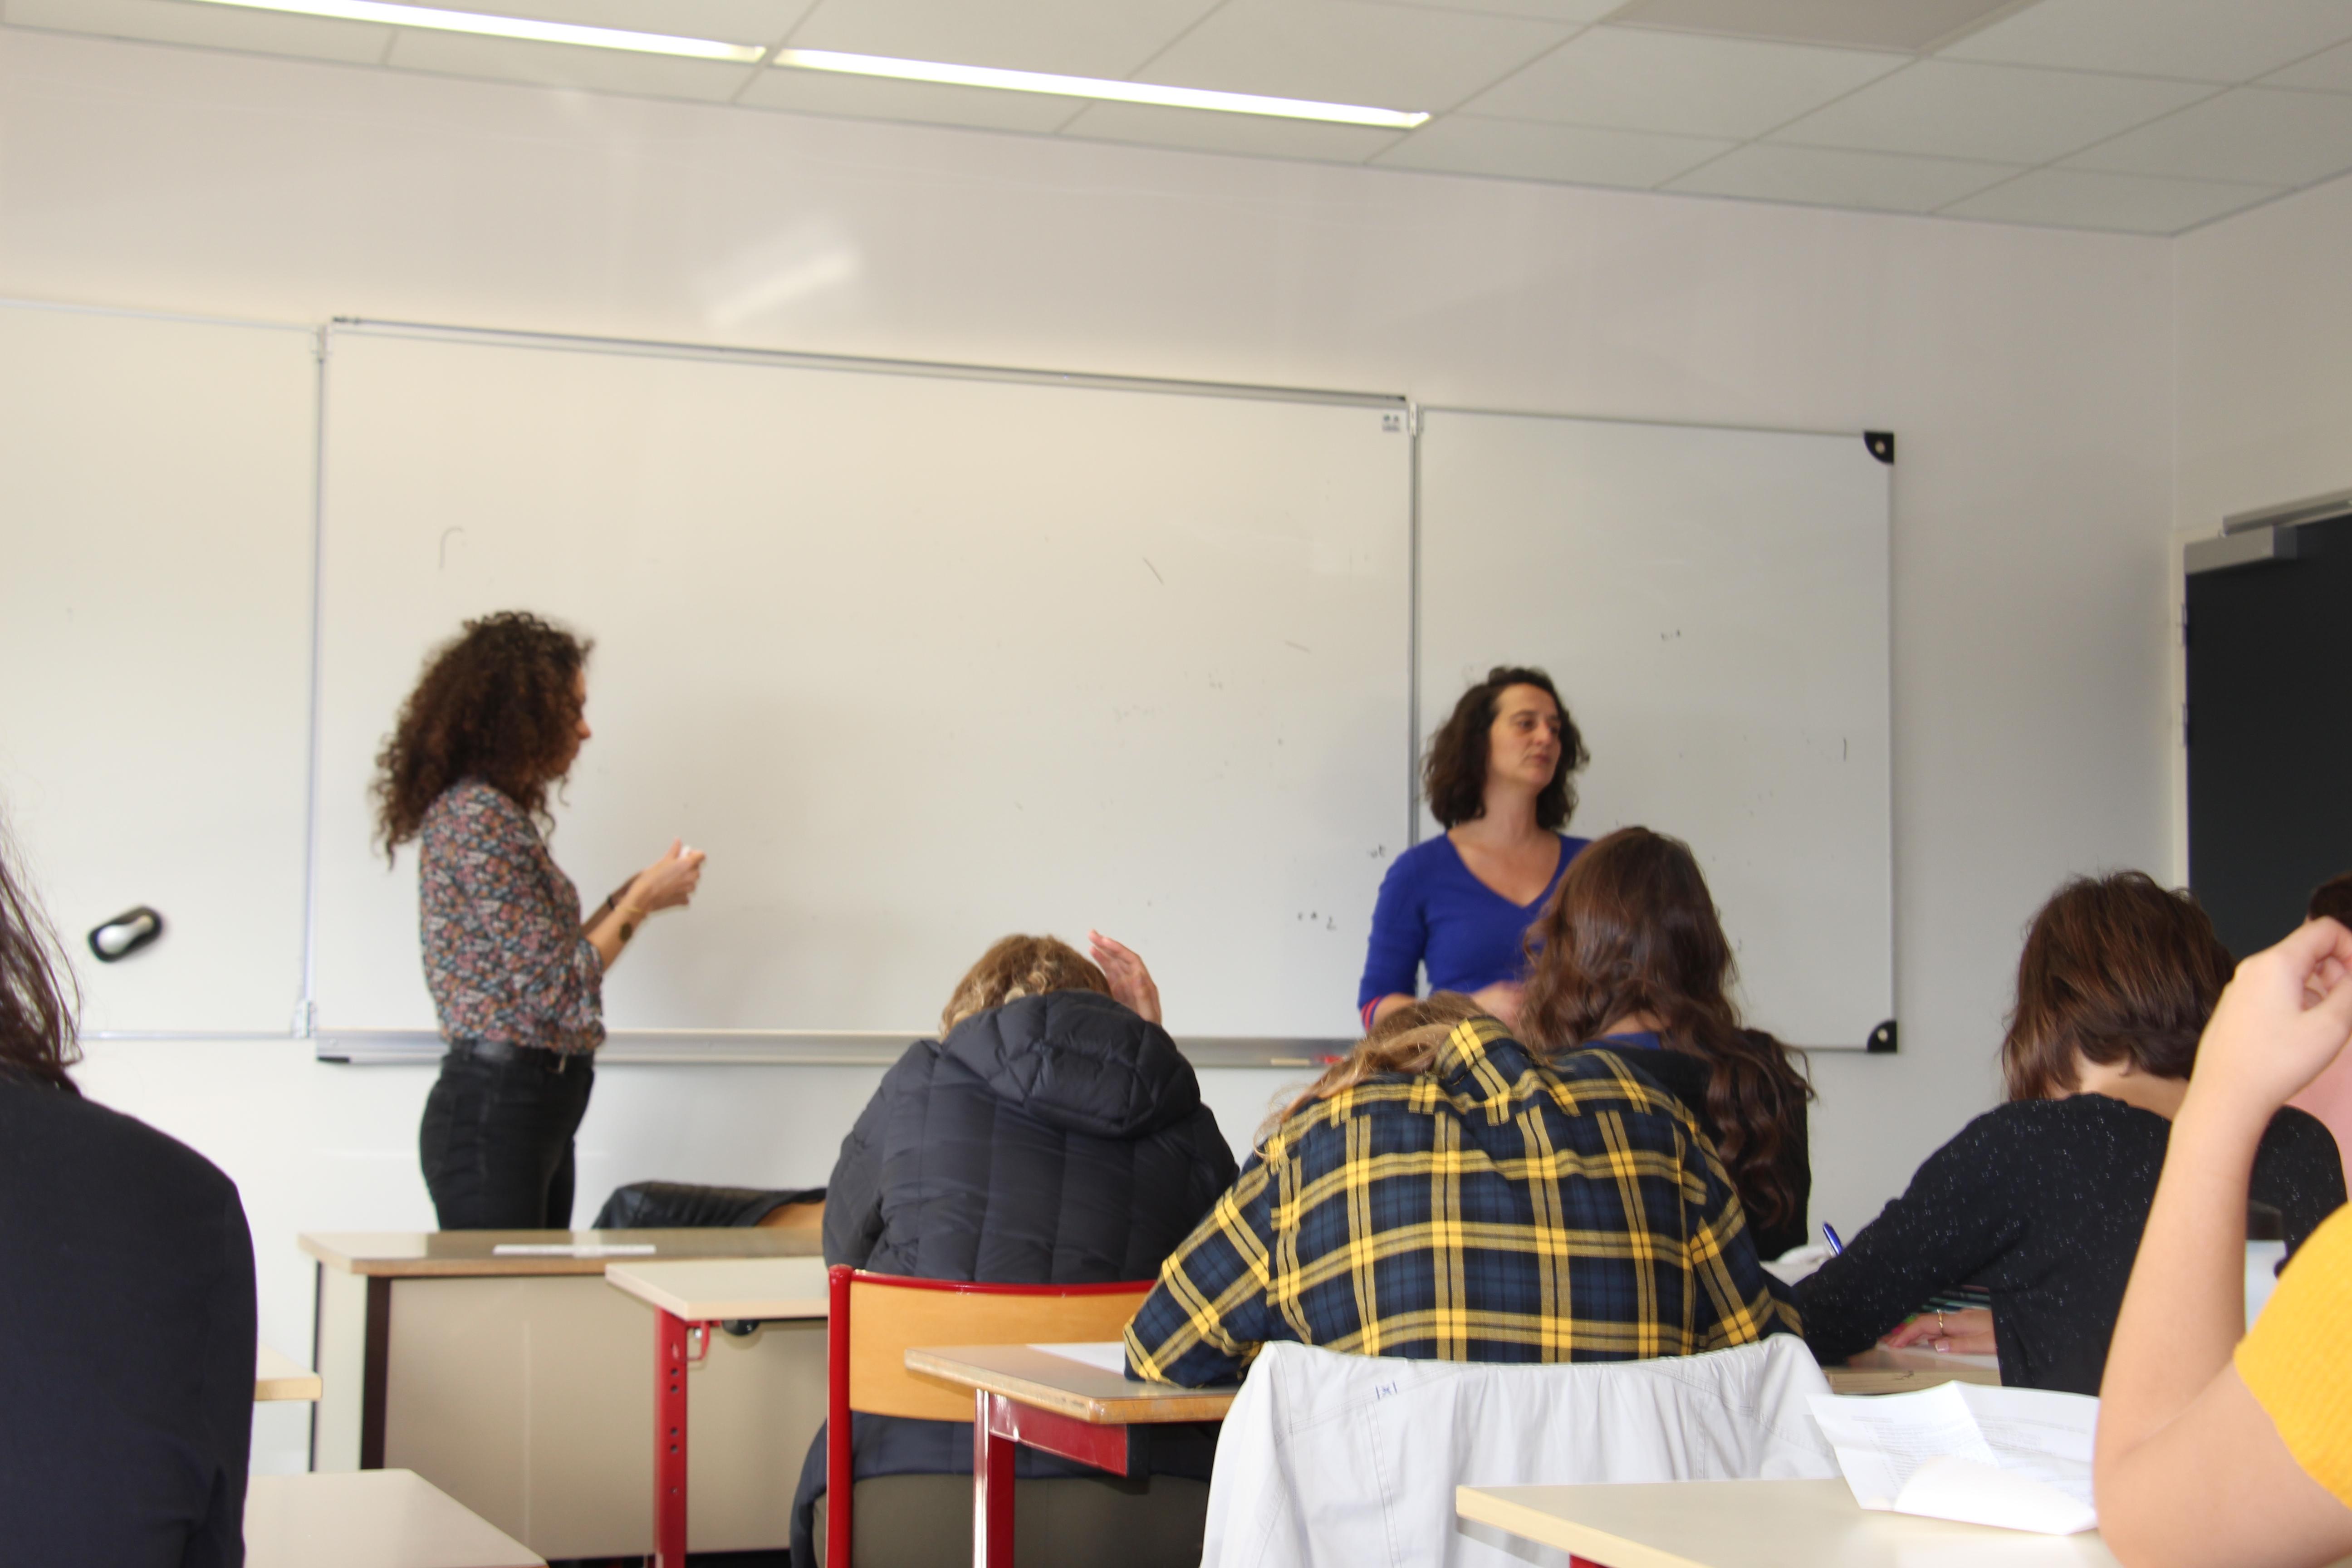 Rencontre avec Dysturb : questions à Gaia Squarci & Laurence Cornet Crédits photographiques: Deborah Dubost-Sakhi